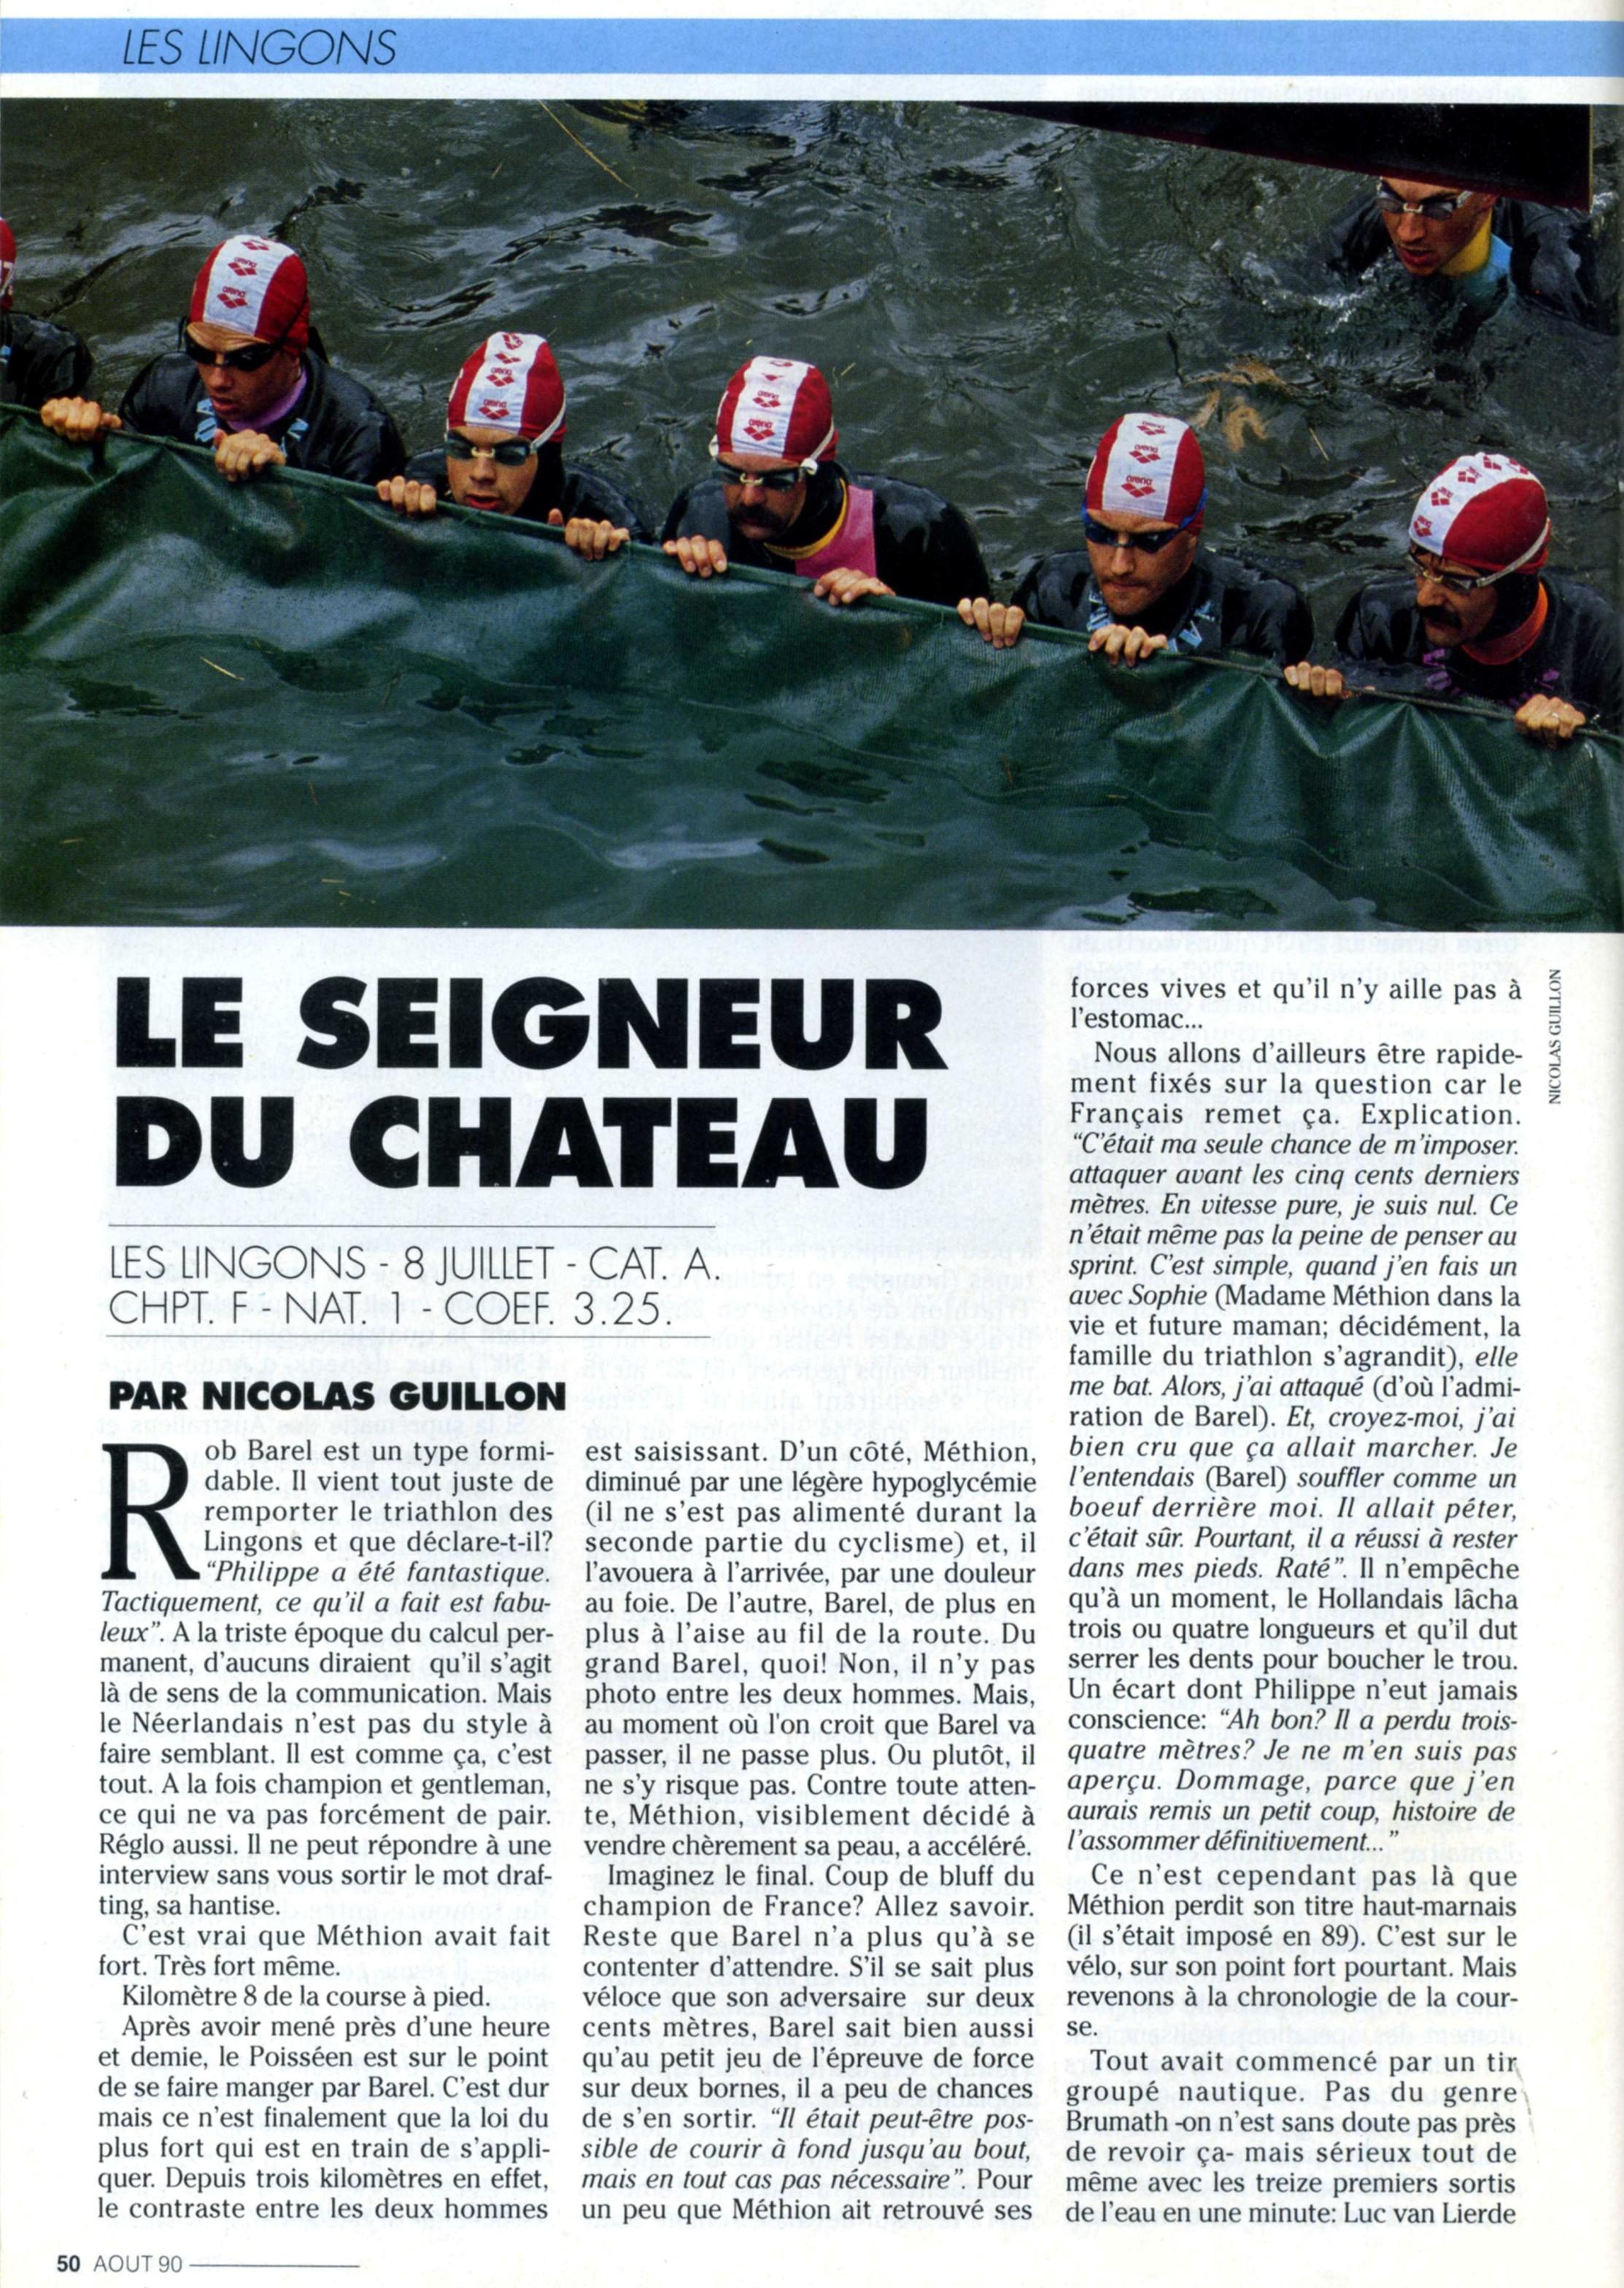 img016_les_lingons_08-07-1990_70